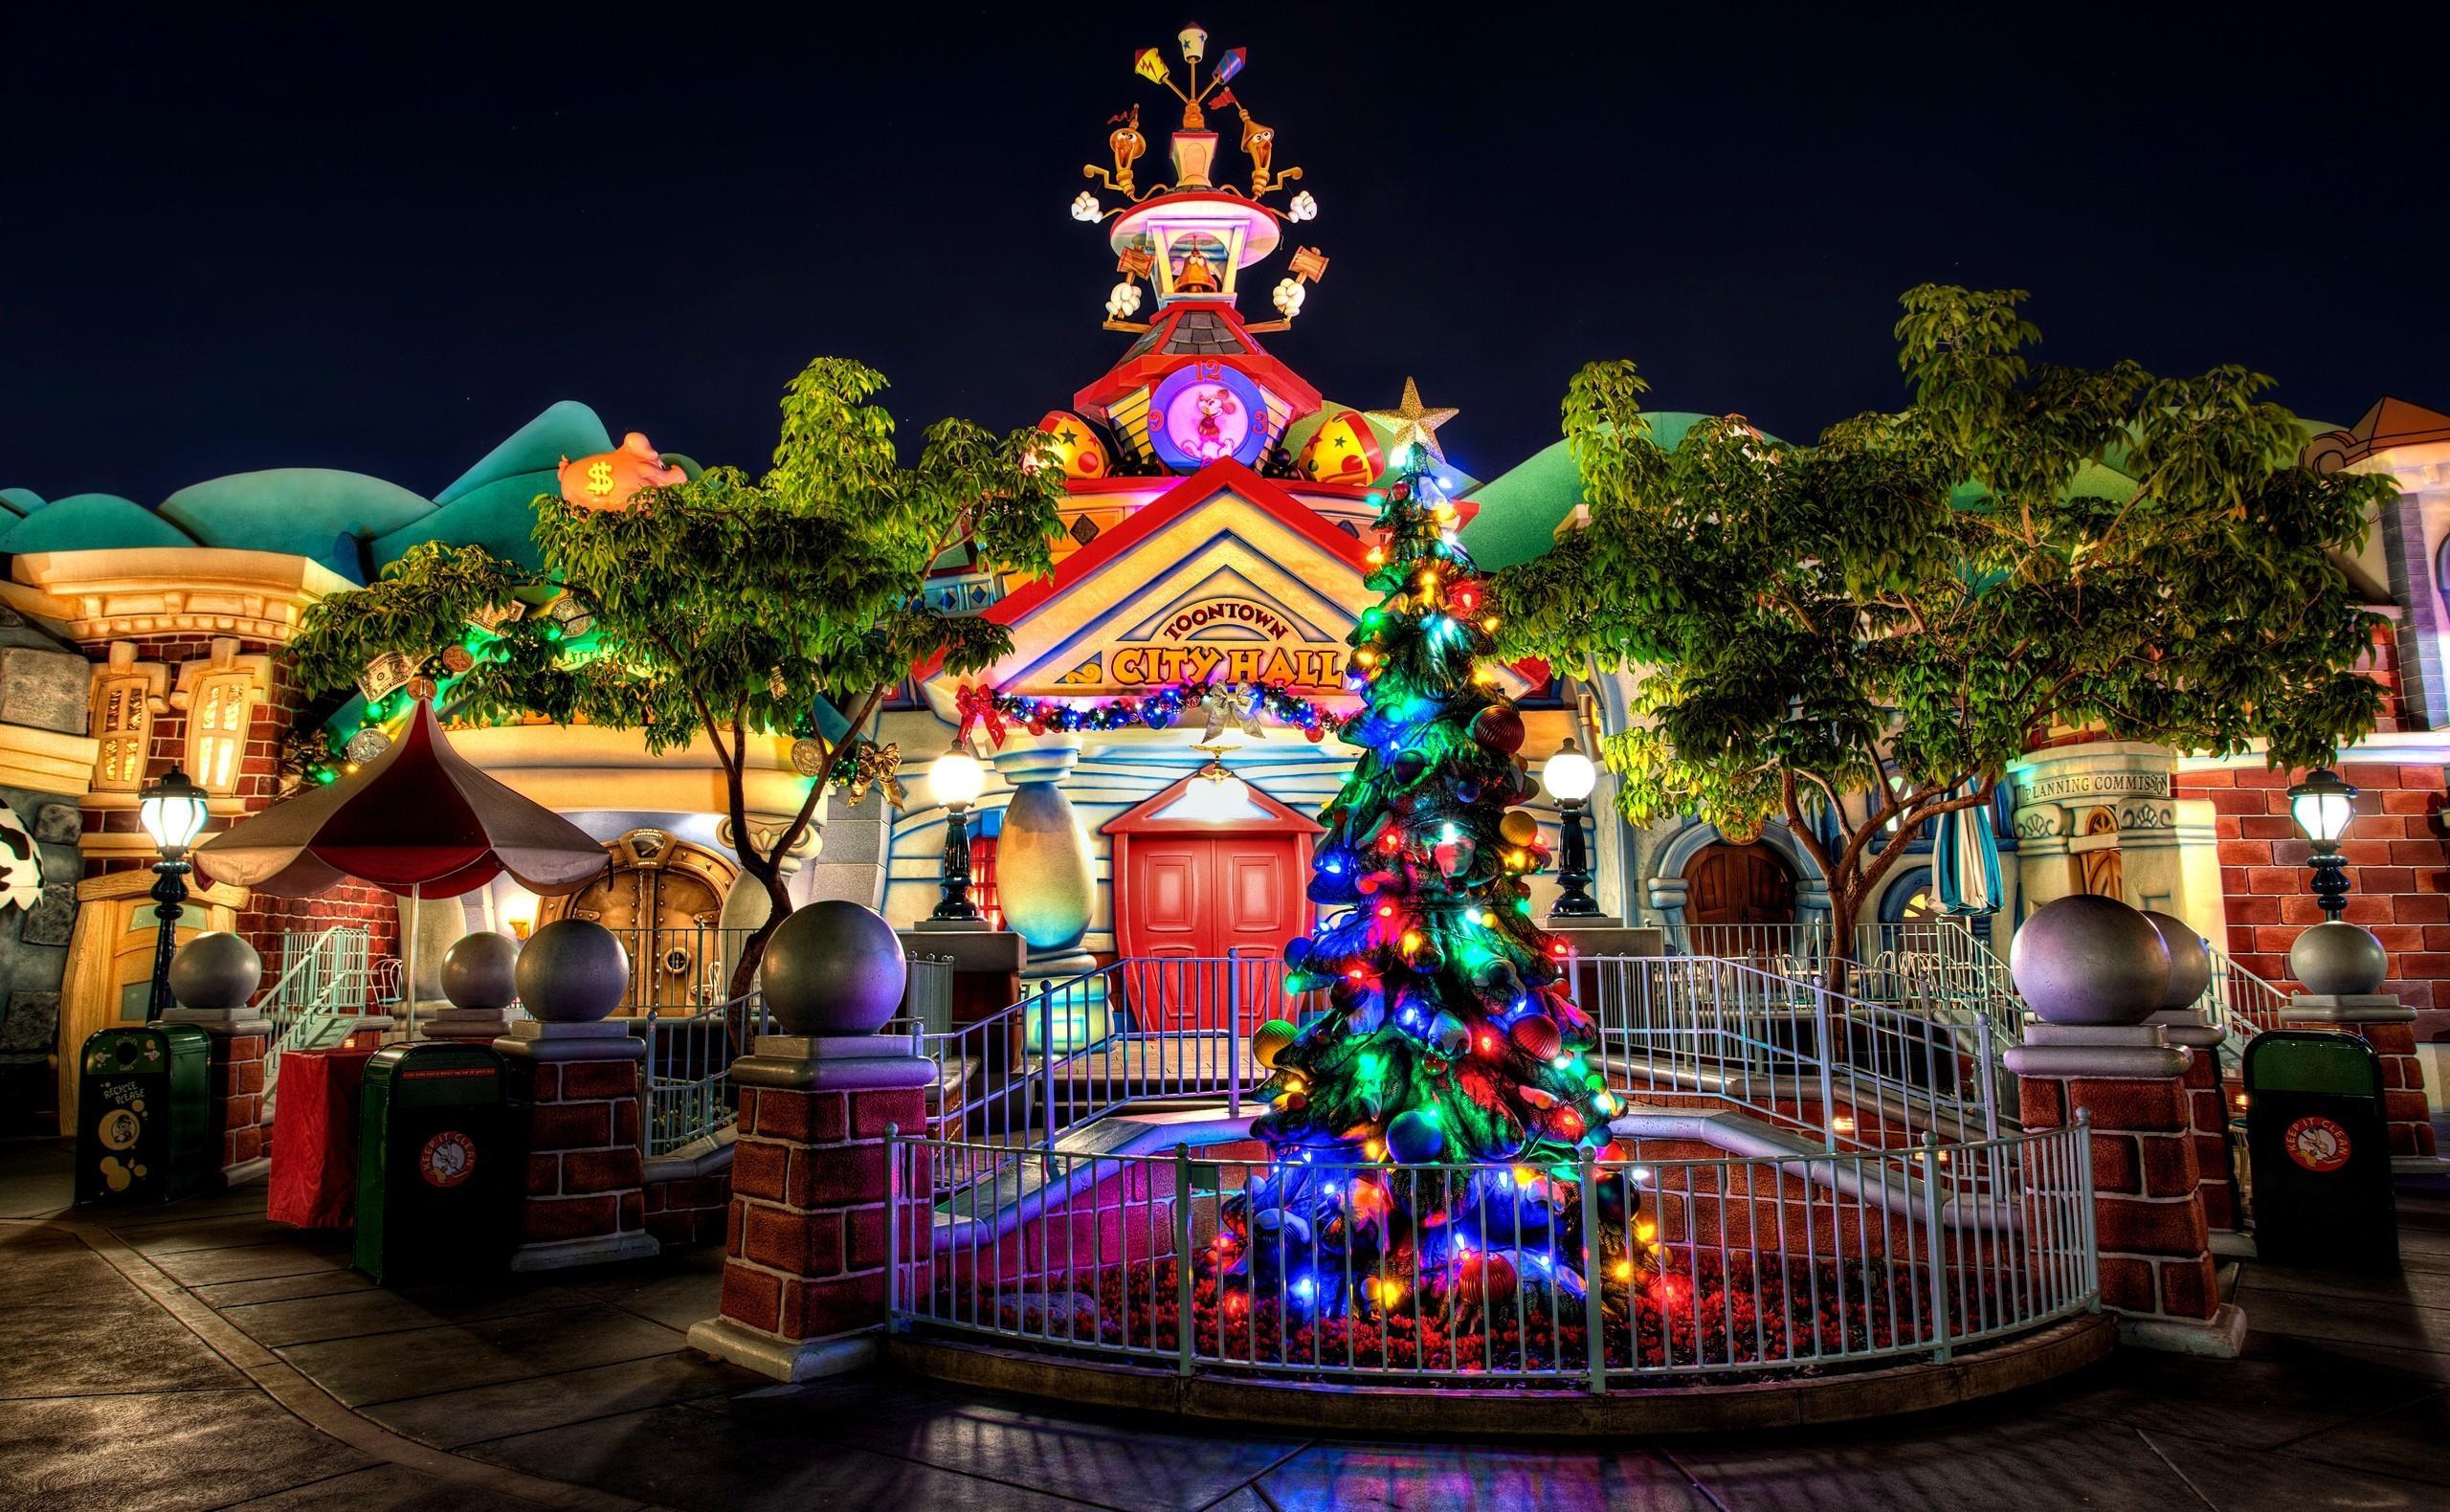 Weihnachtsbaum Girlande.Hintergrundbilder Weihnachtsbaum Girlande Gebäude Eingang